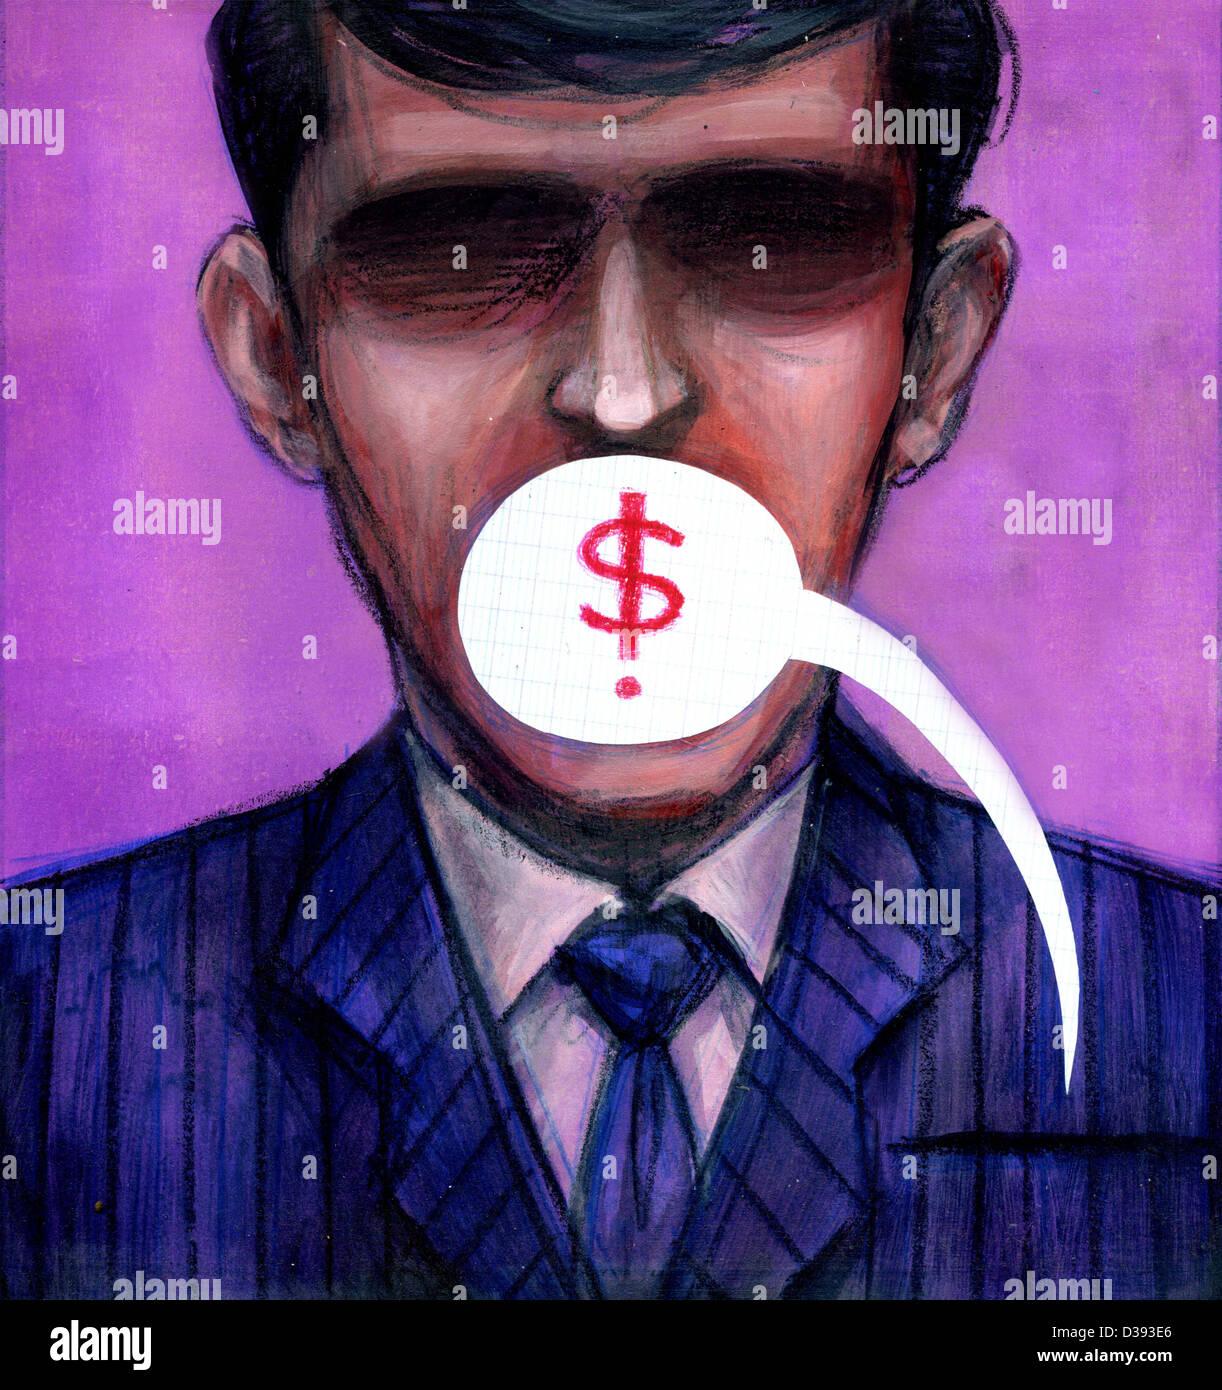 Falar de dinheiro Imagens de Stock